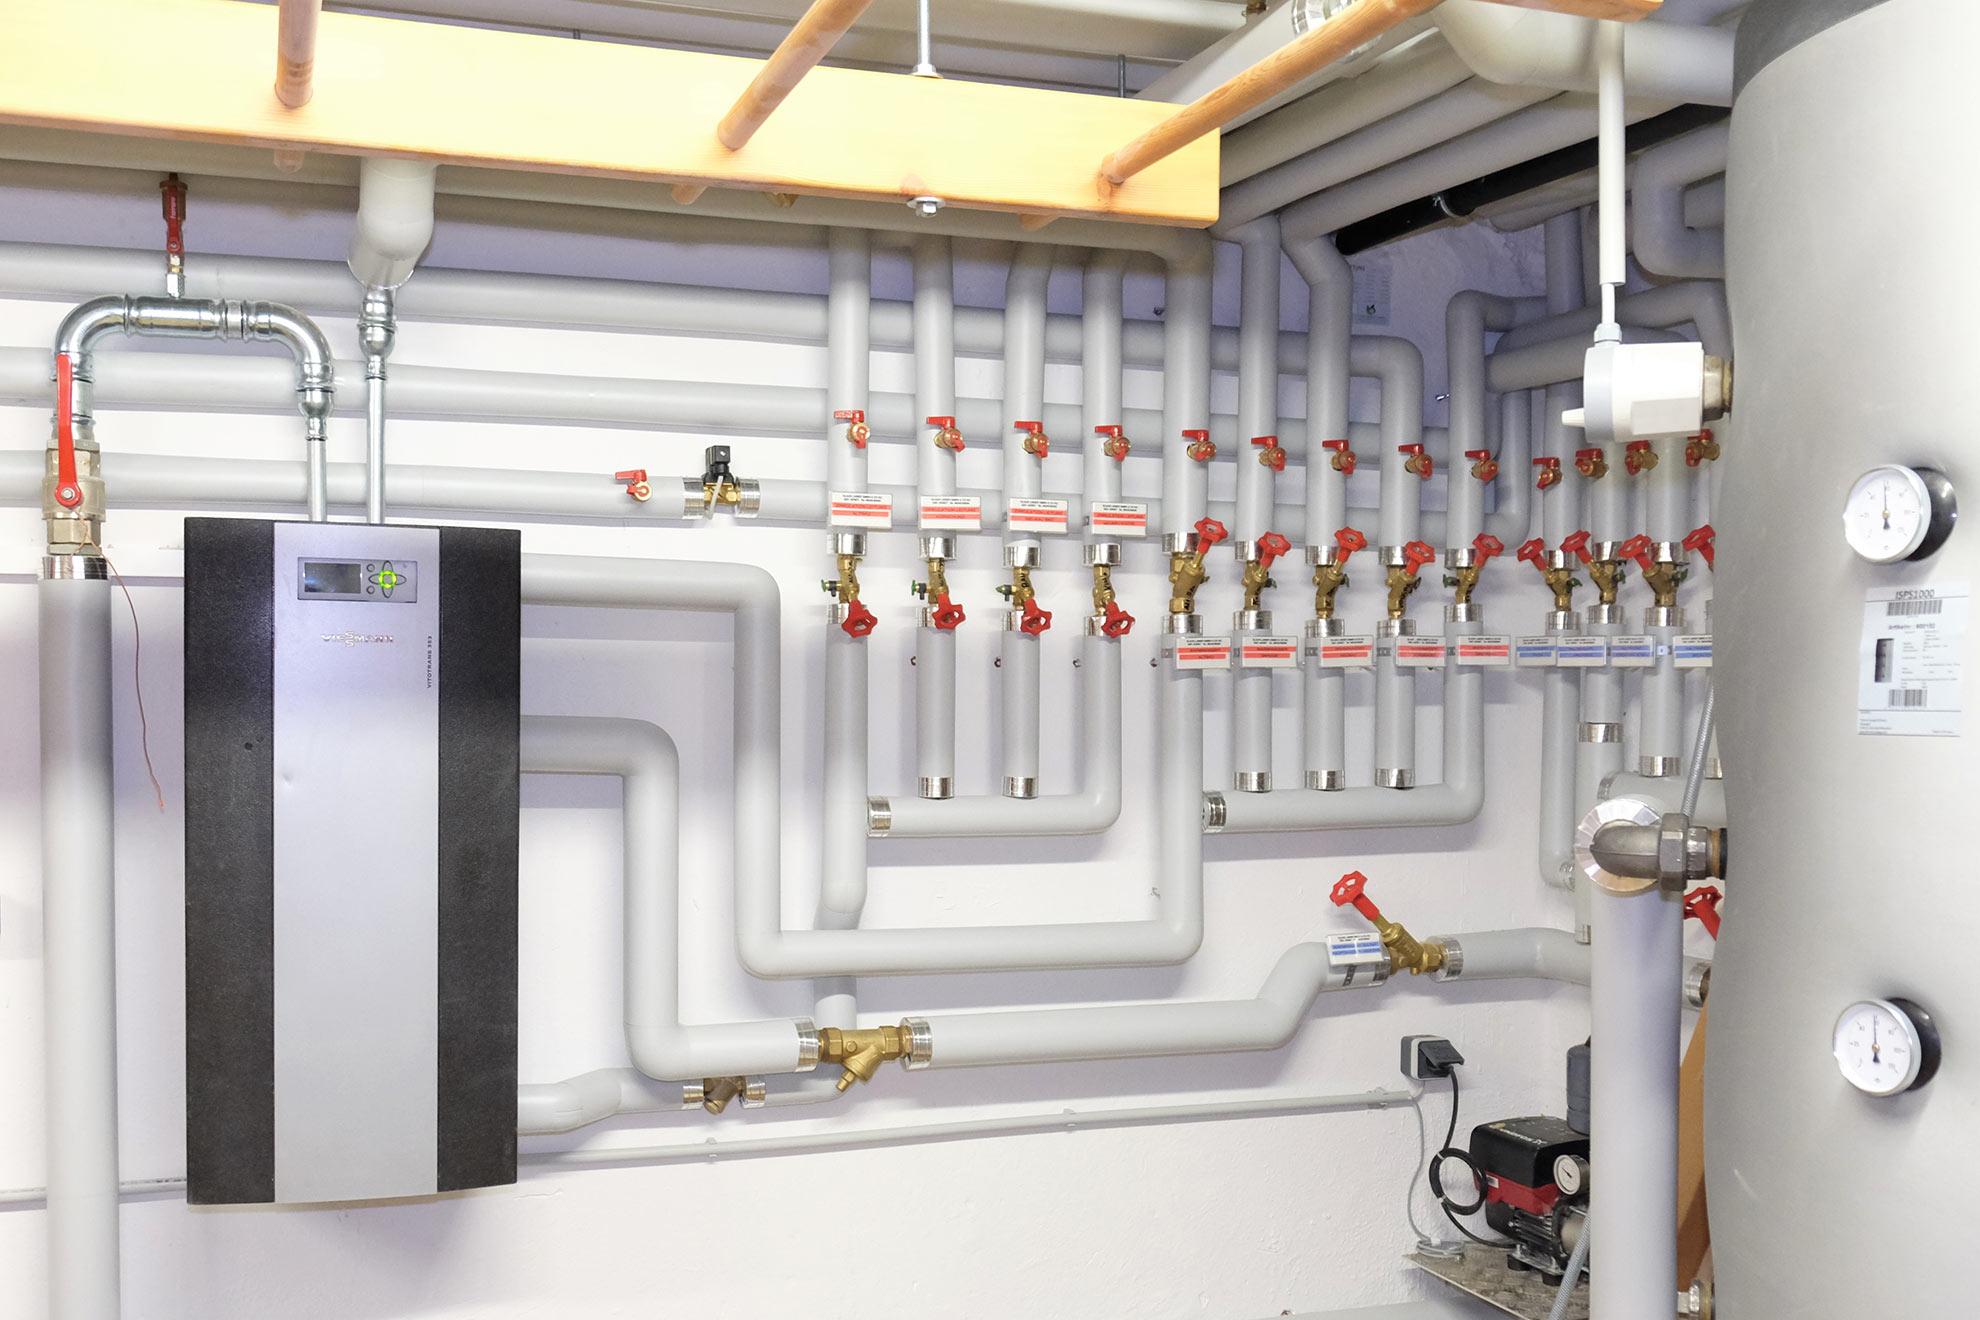 Heizungsanlagen Wärmepumpen Installateur hallein adnet salzburg